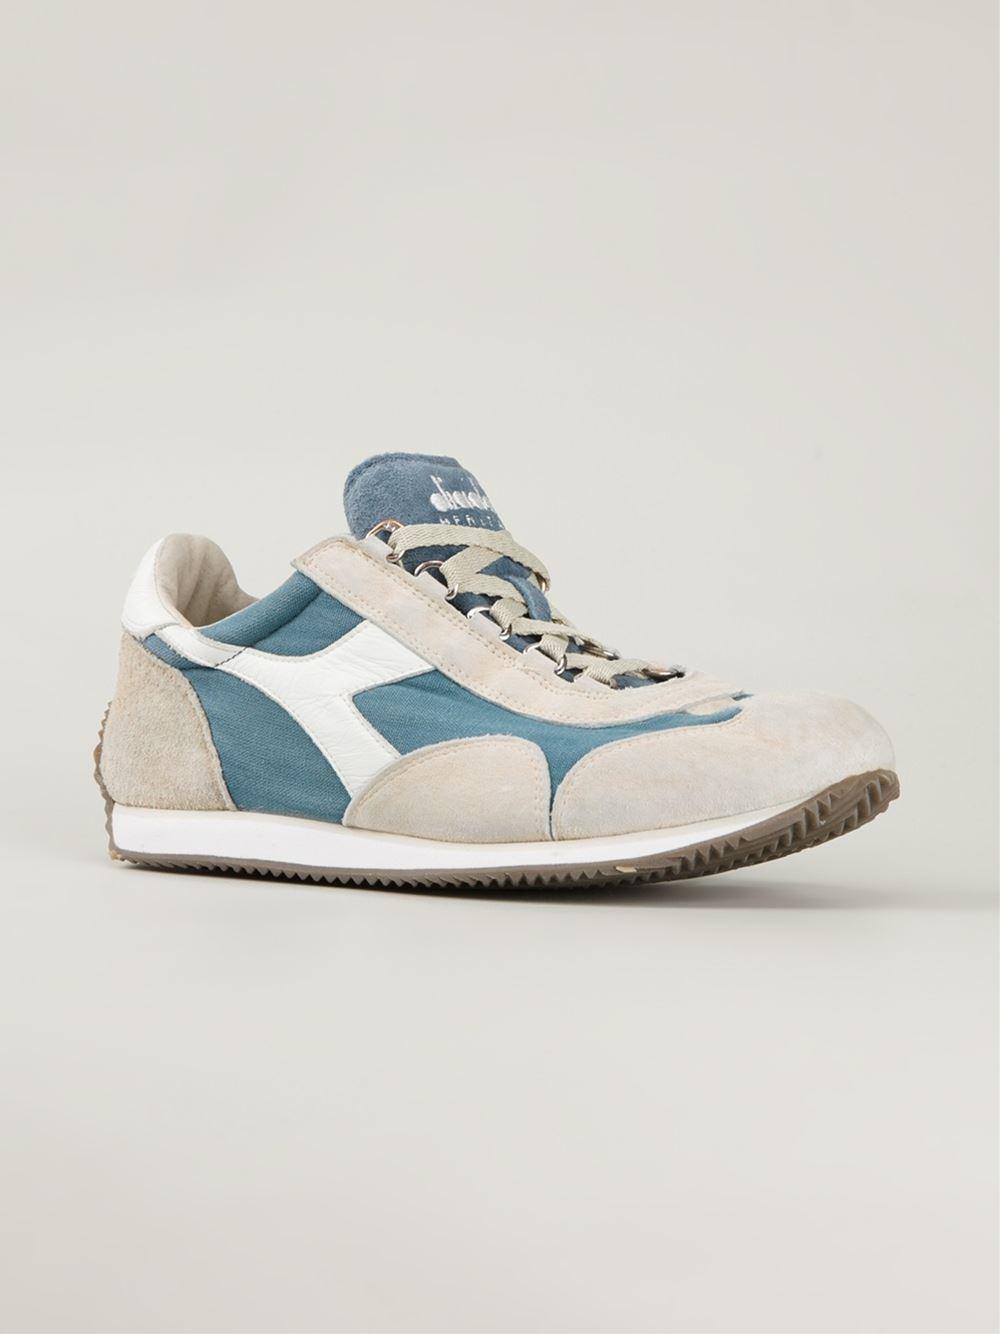 diadora sneakers - photo #14